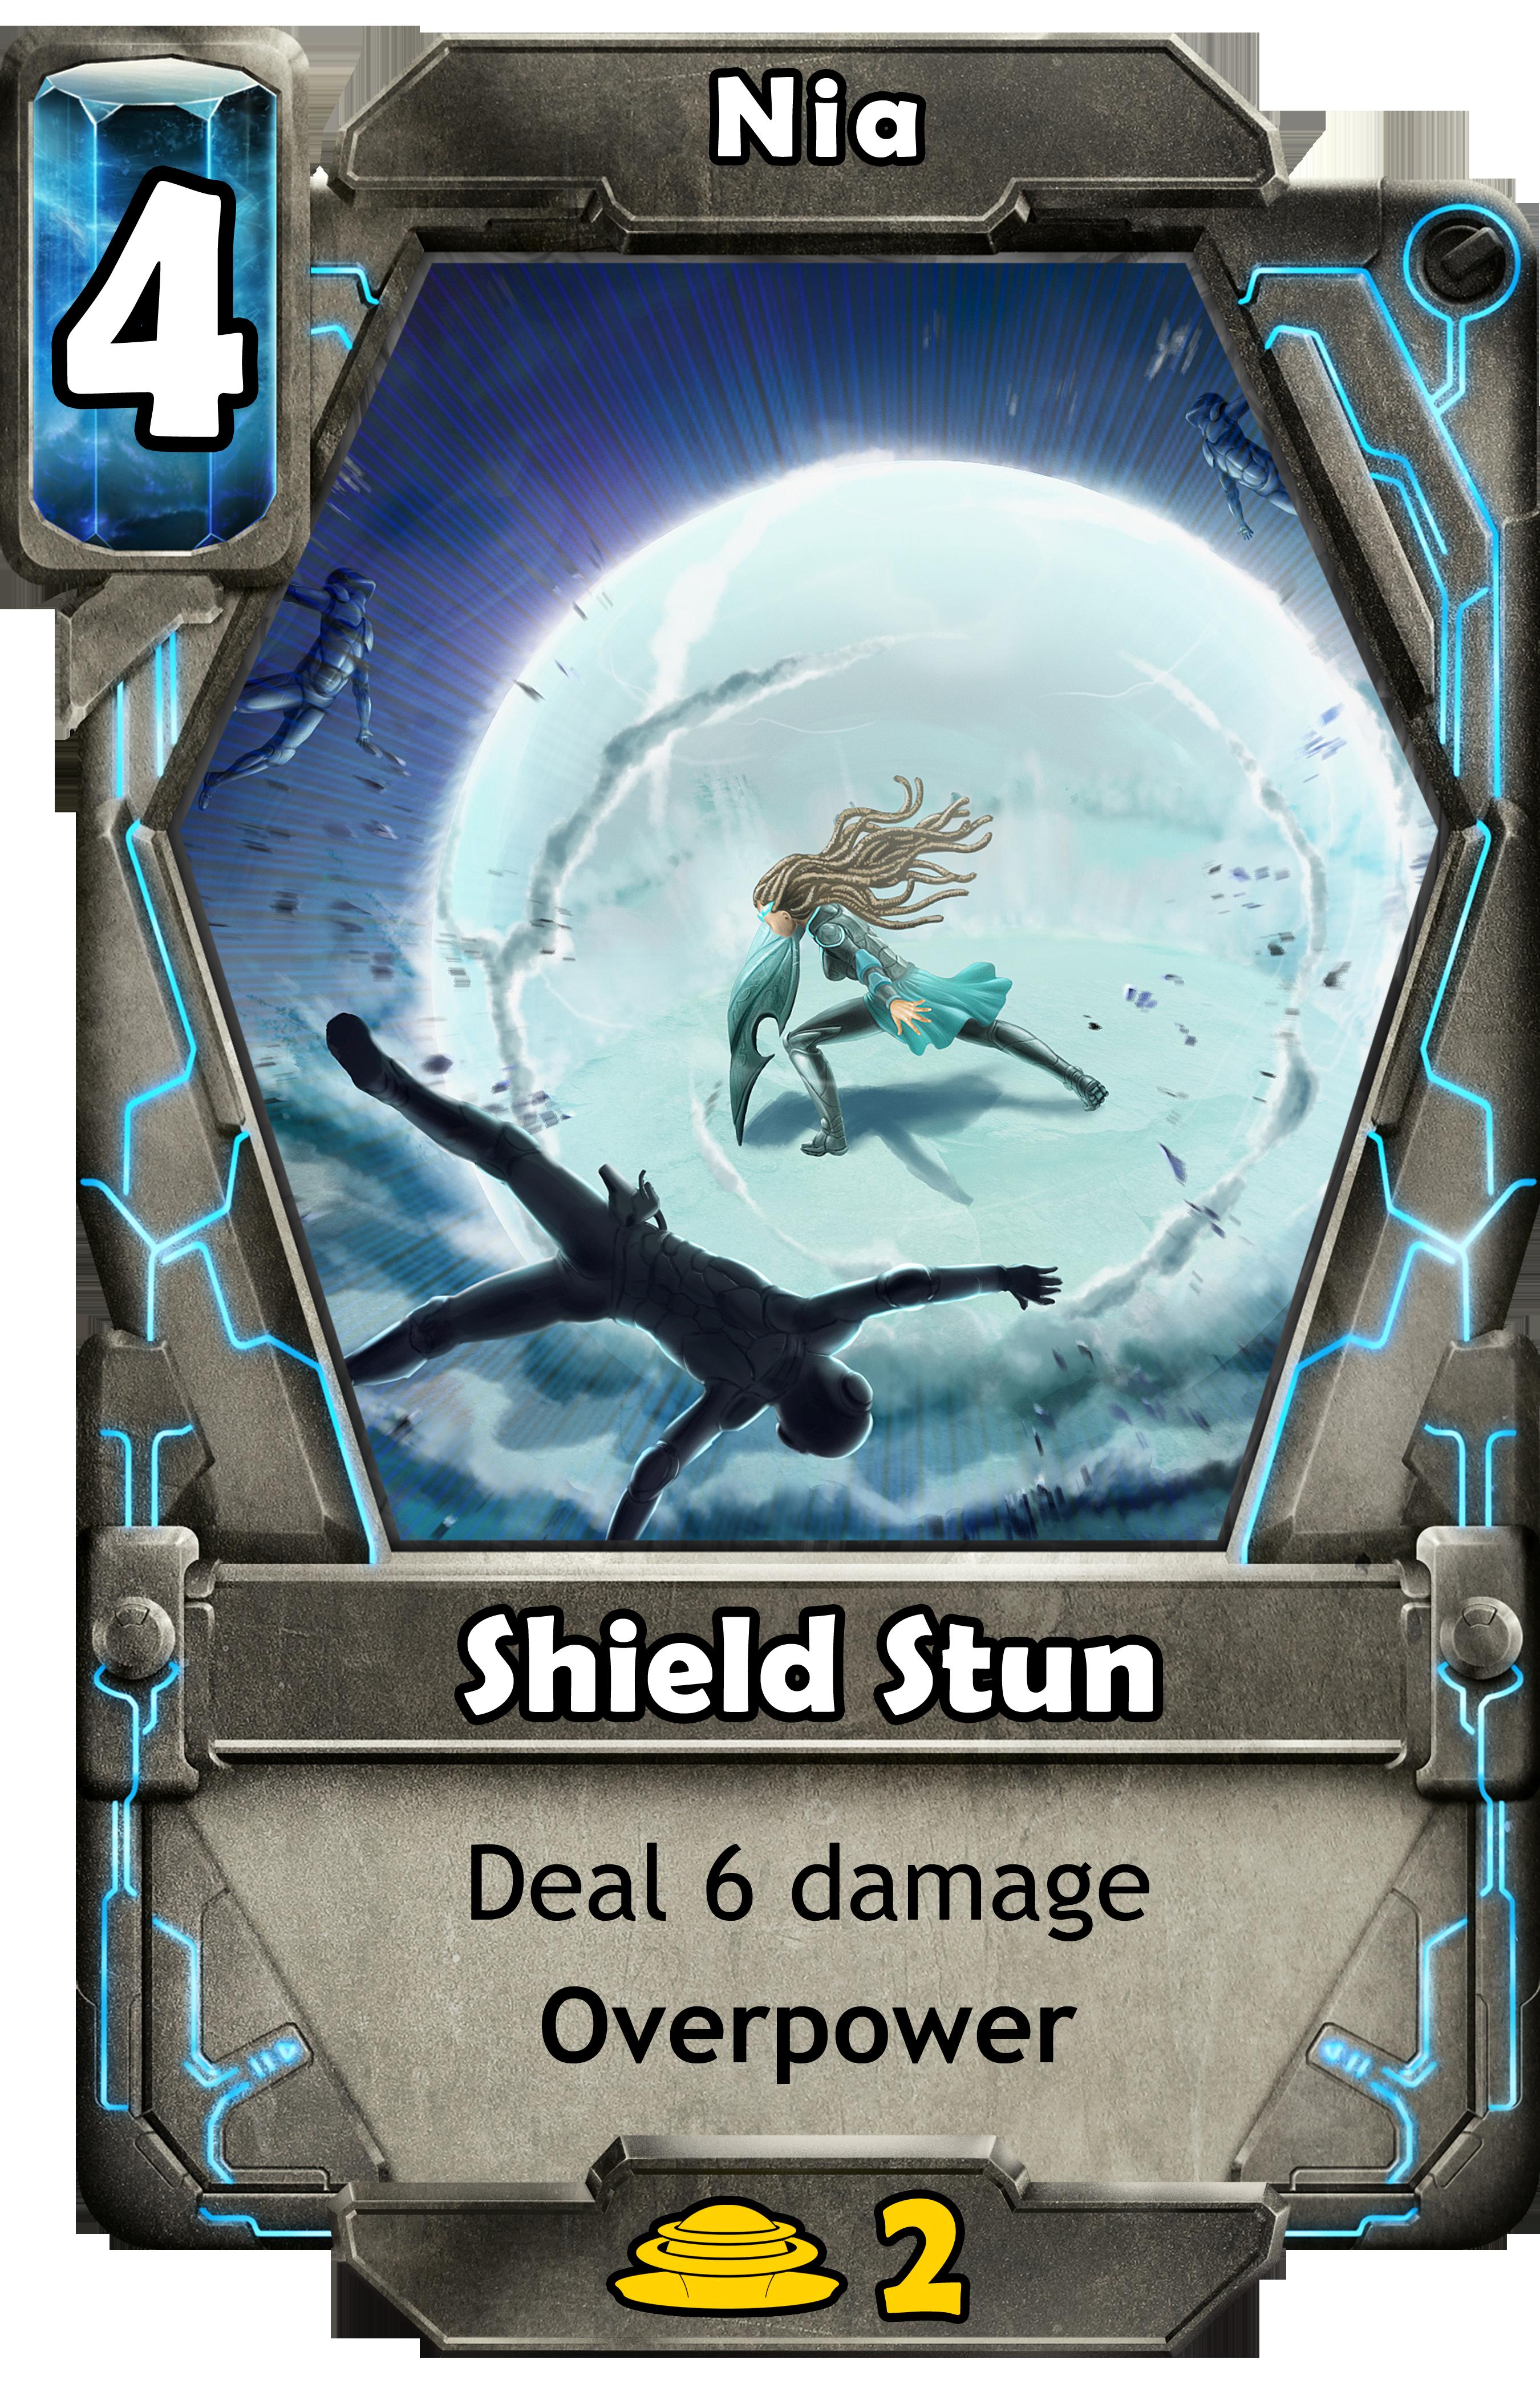 Shield Stun